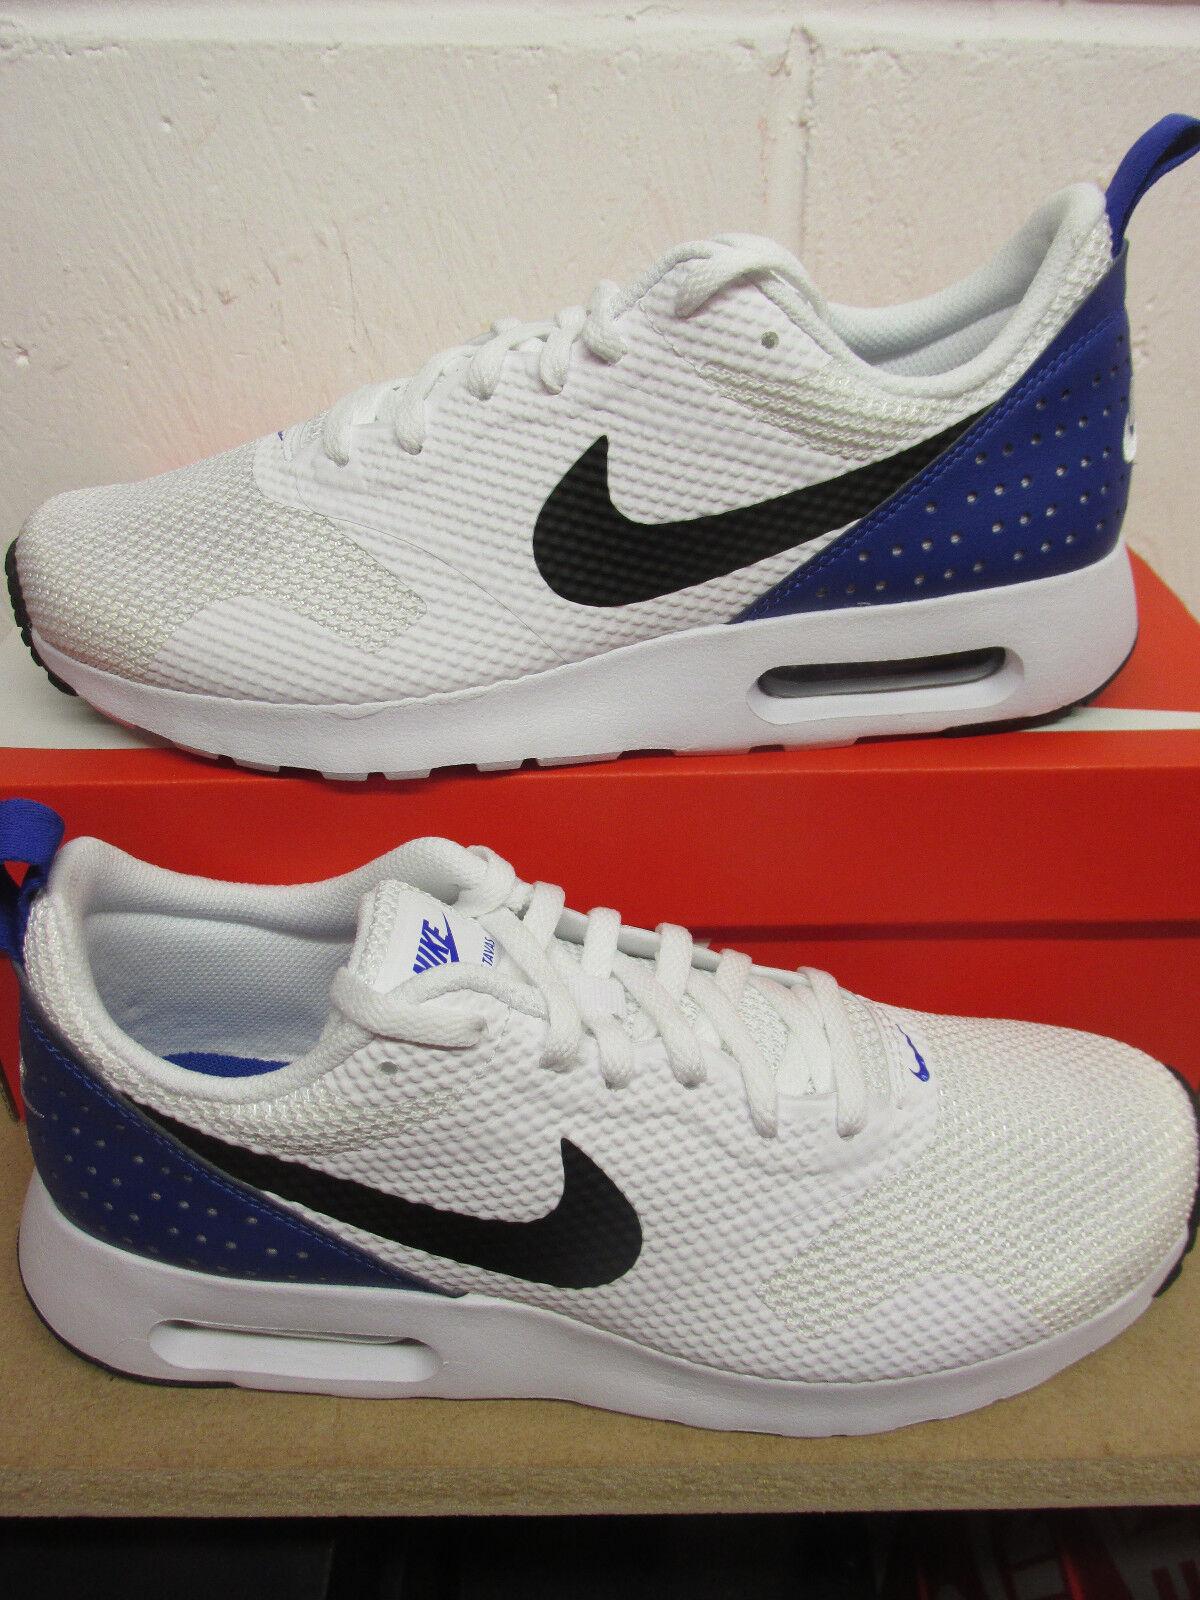 Nike Air Max Tavas (705149_407)